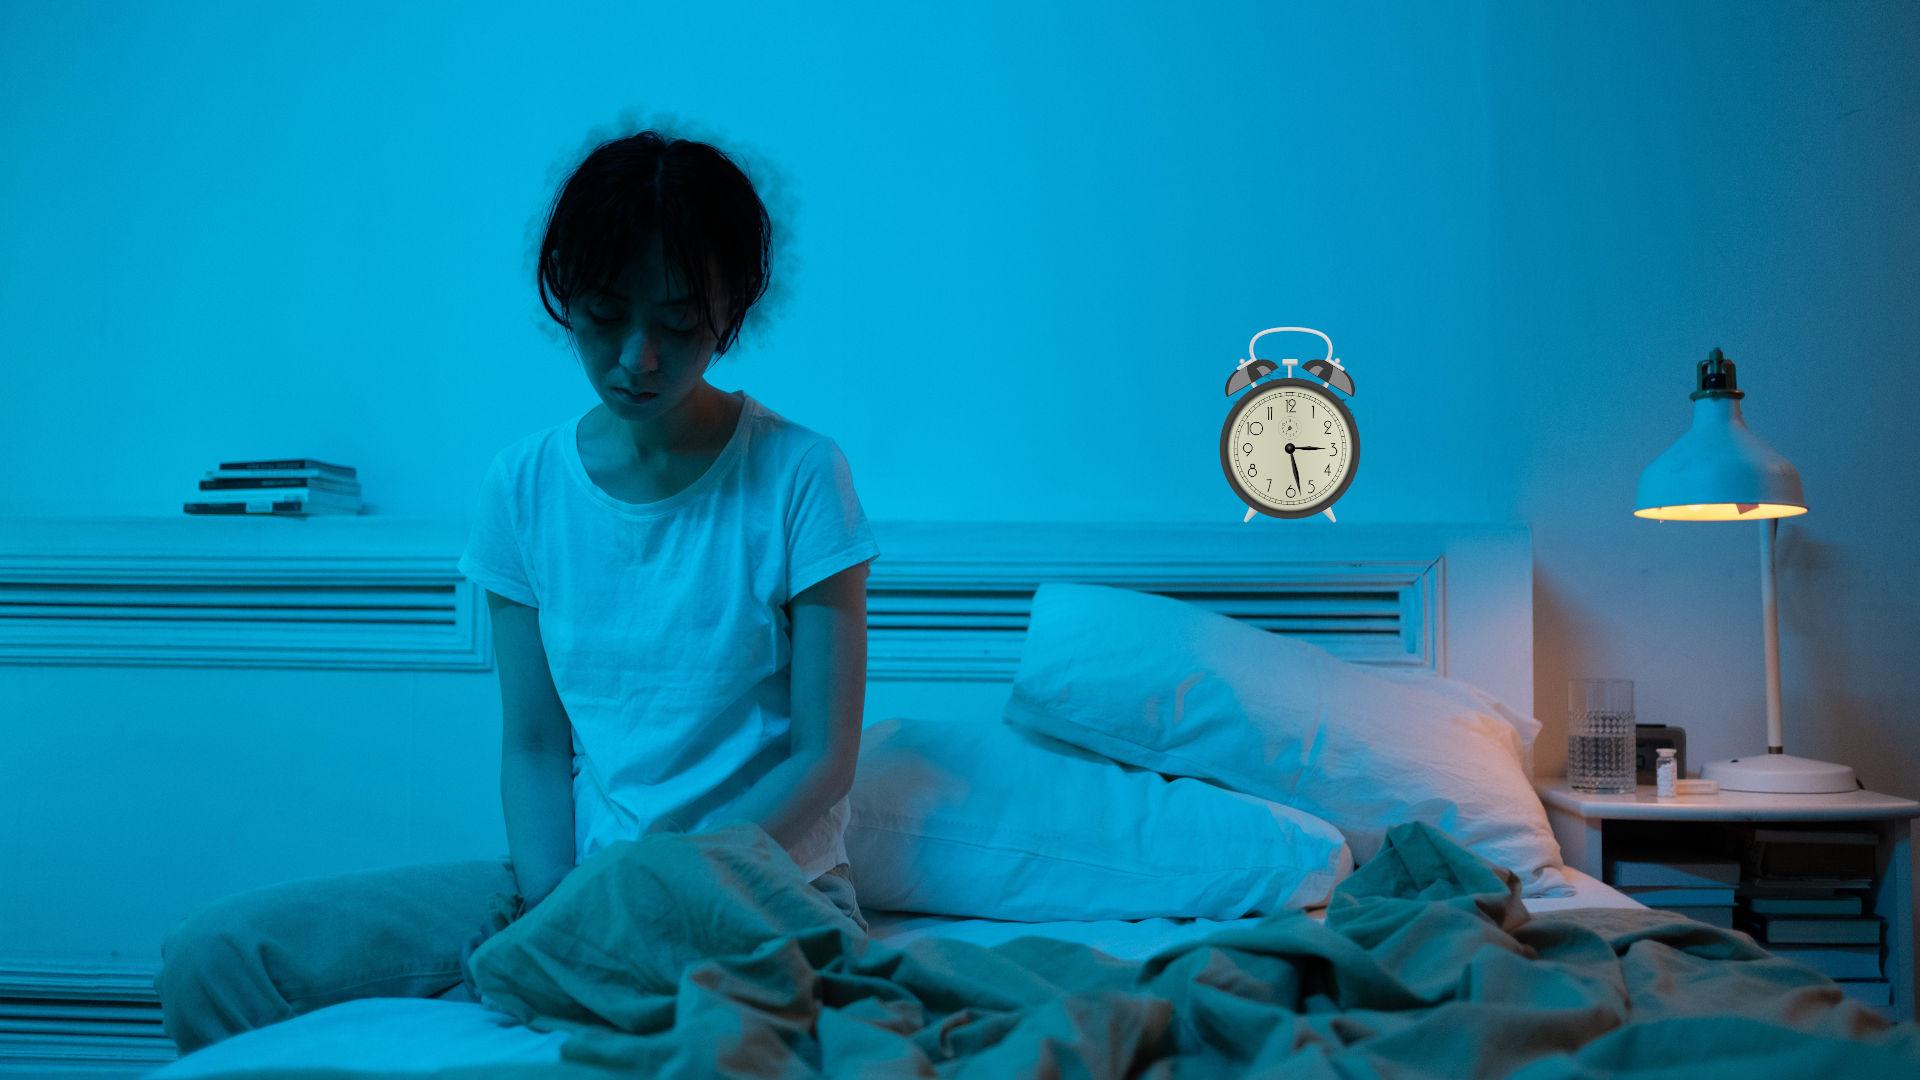 slaappproblemen slaaprobot vermoeid somnox rveiw kortingscode